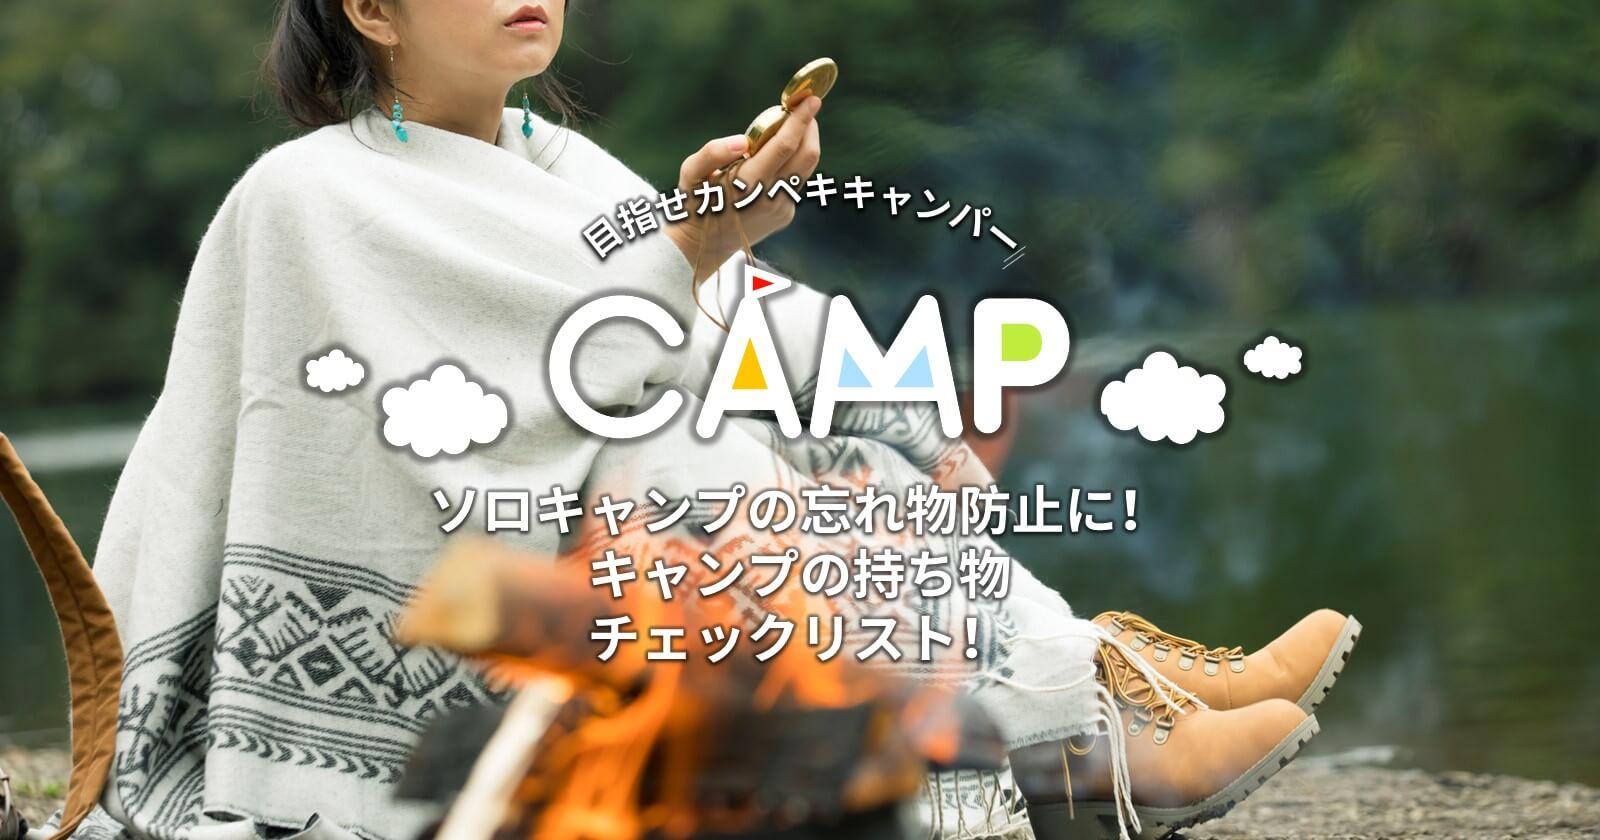 持ち物 ソロ キャンプ